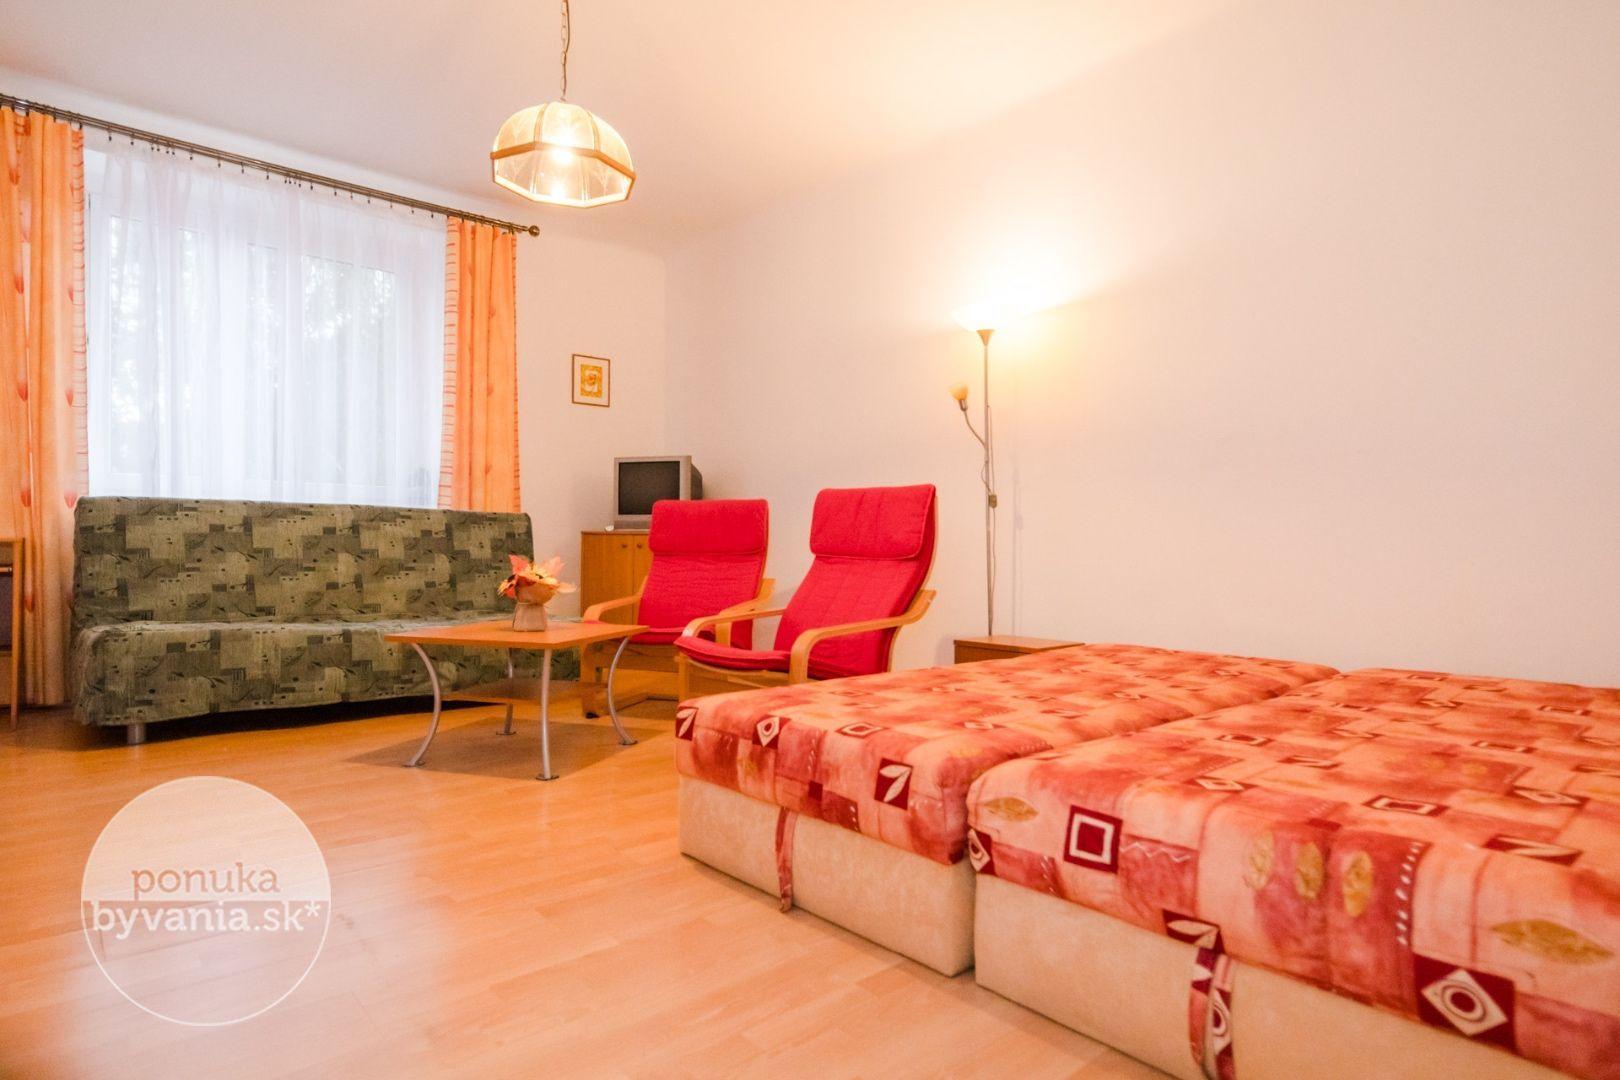 ponukabyvania.sk_Prievozská_1-izbový-byt_BEREC